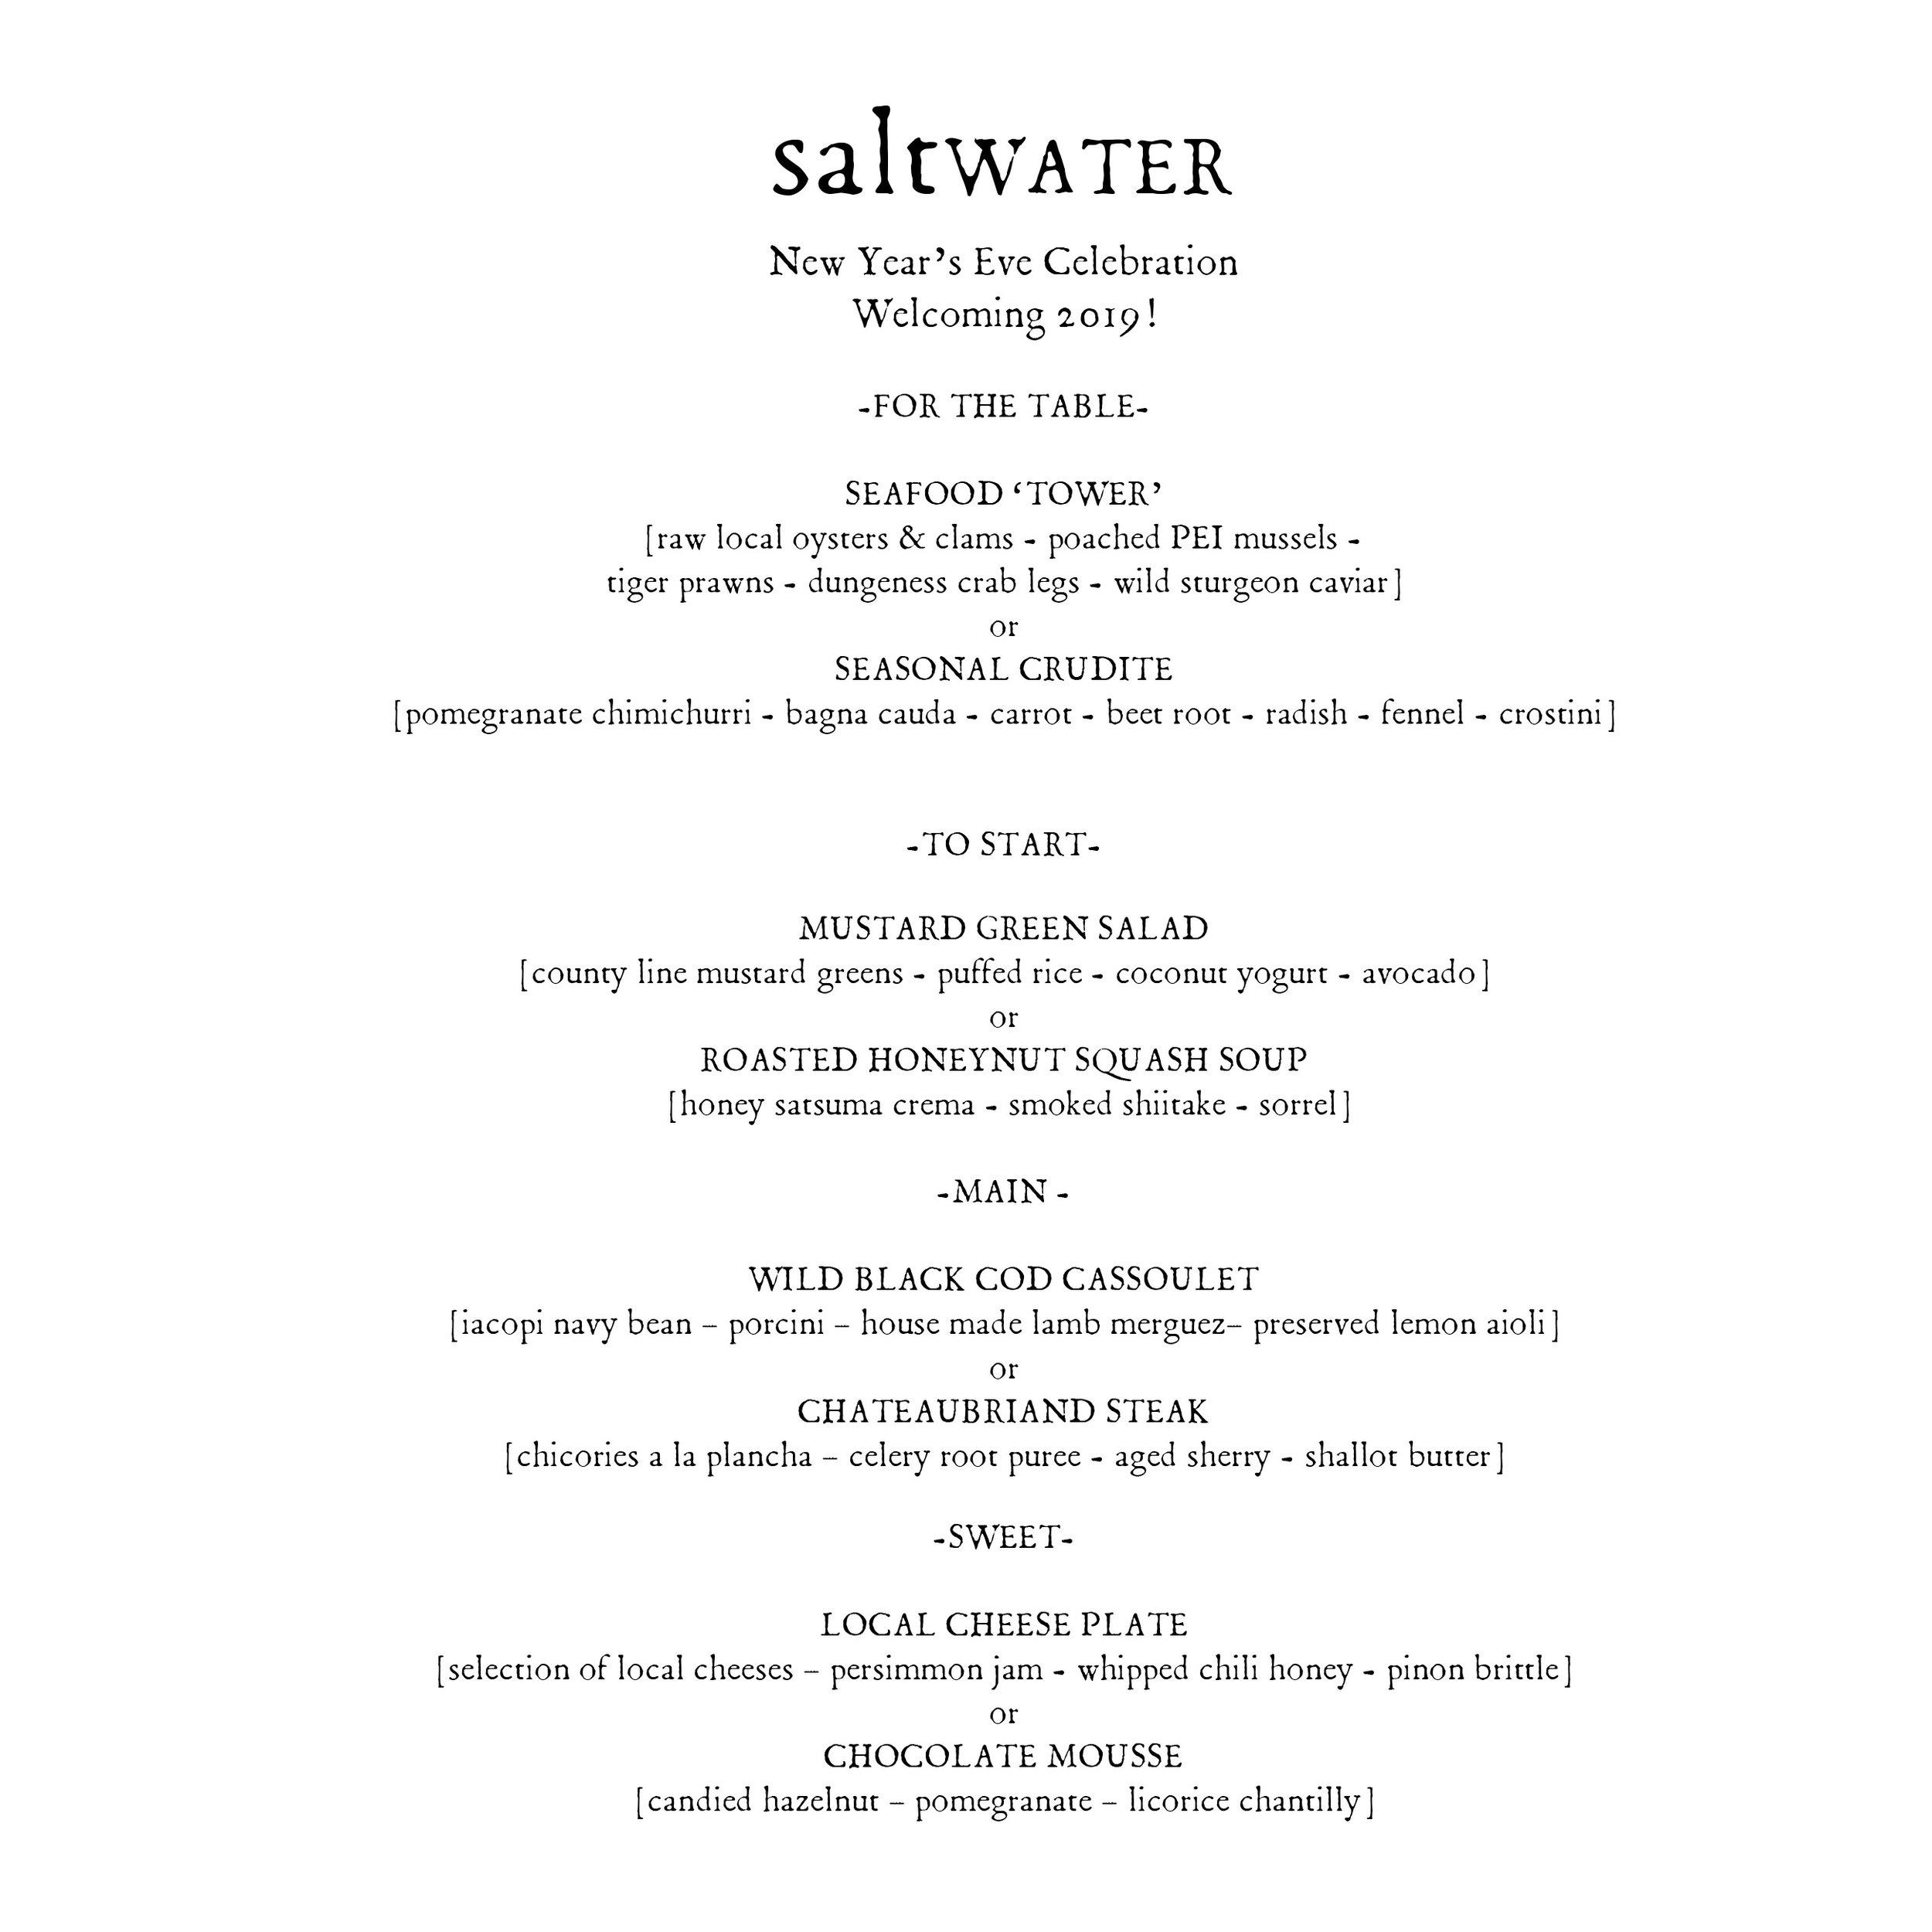 saltWATER-nye-menu-2019.jpg